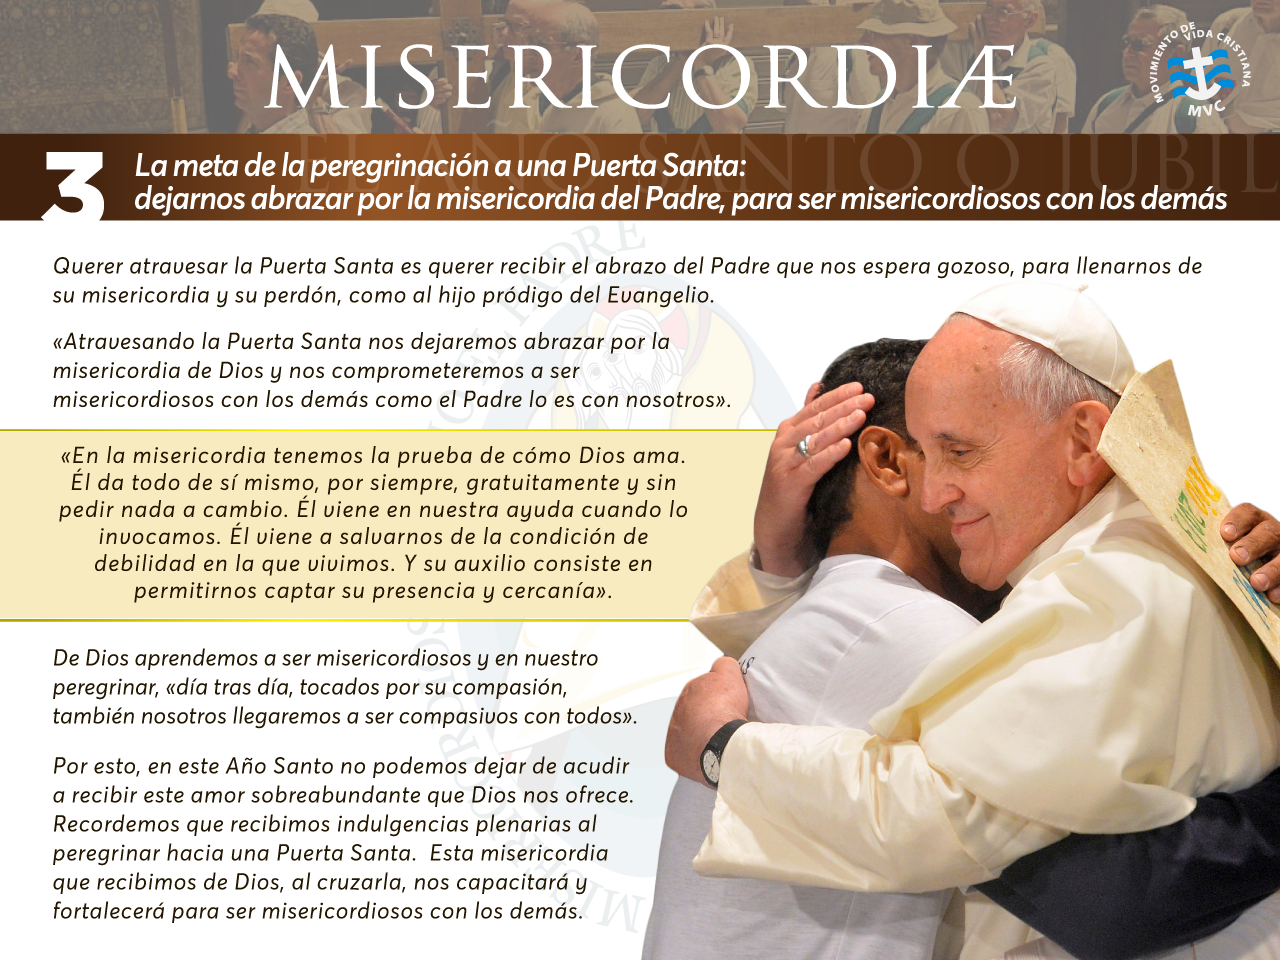 Misericordiae-4-editable-5